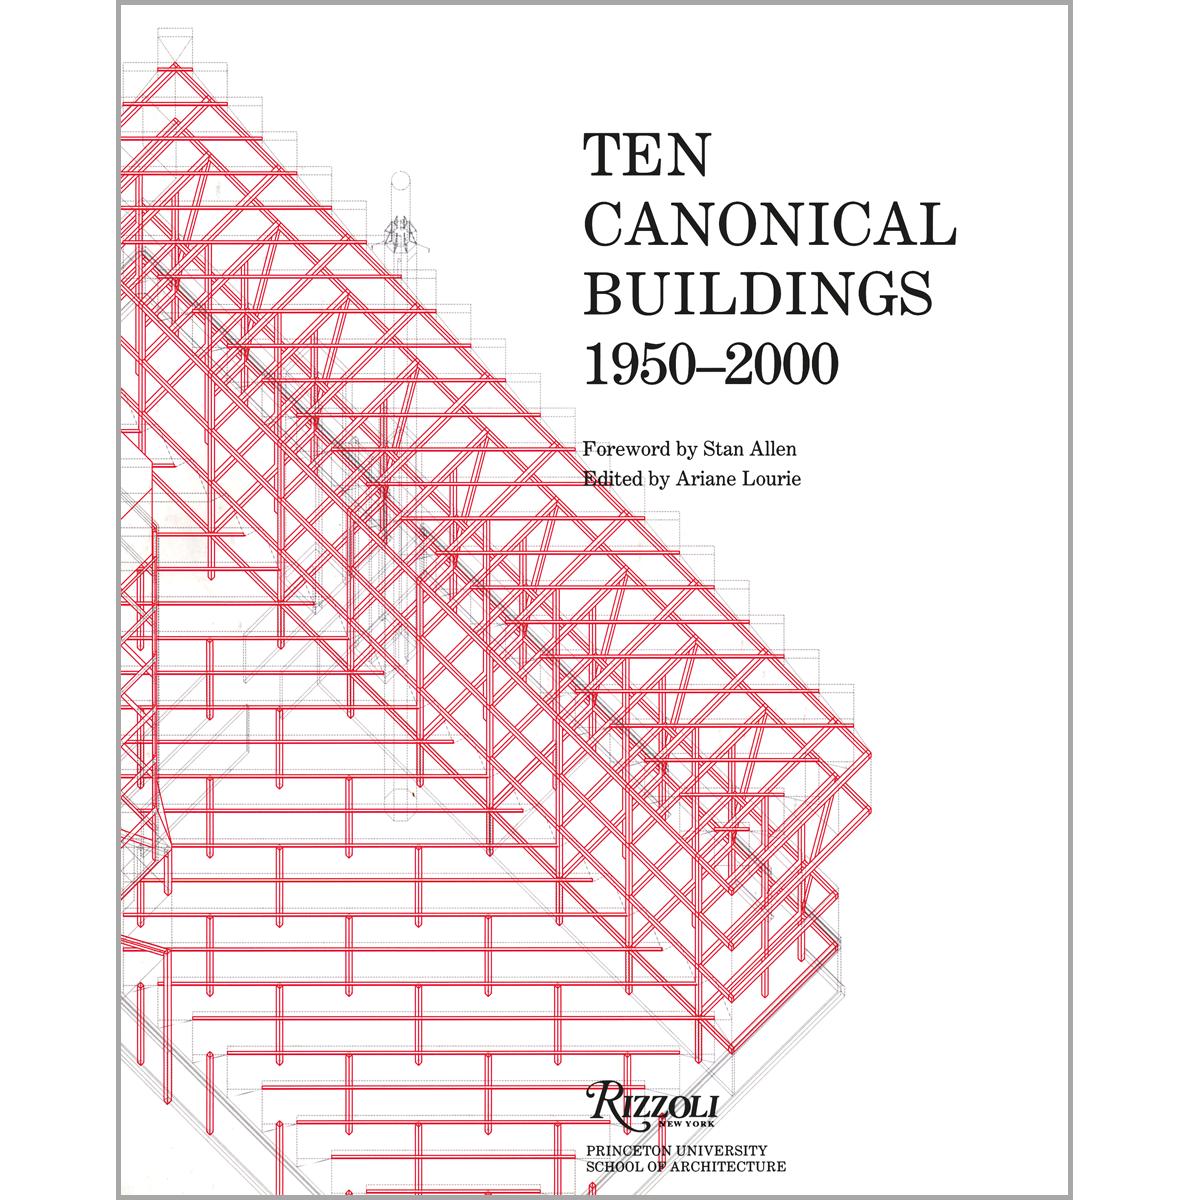 Ten Canonical Buildings, 1950-2000